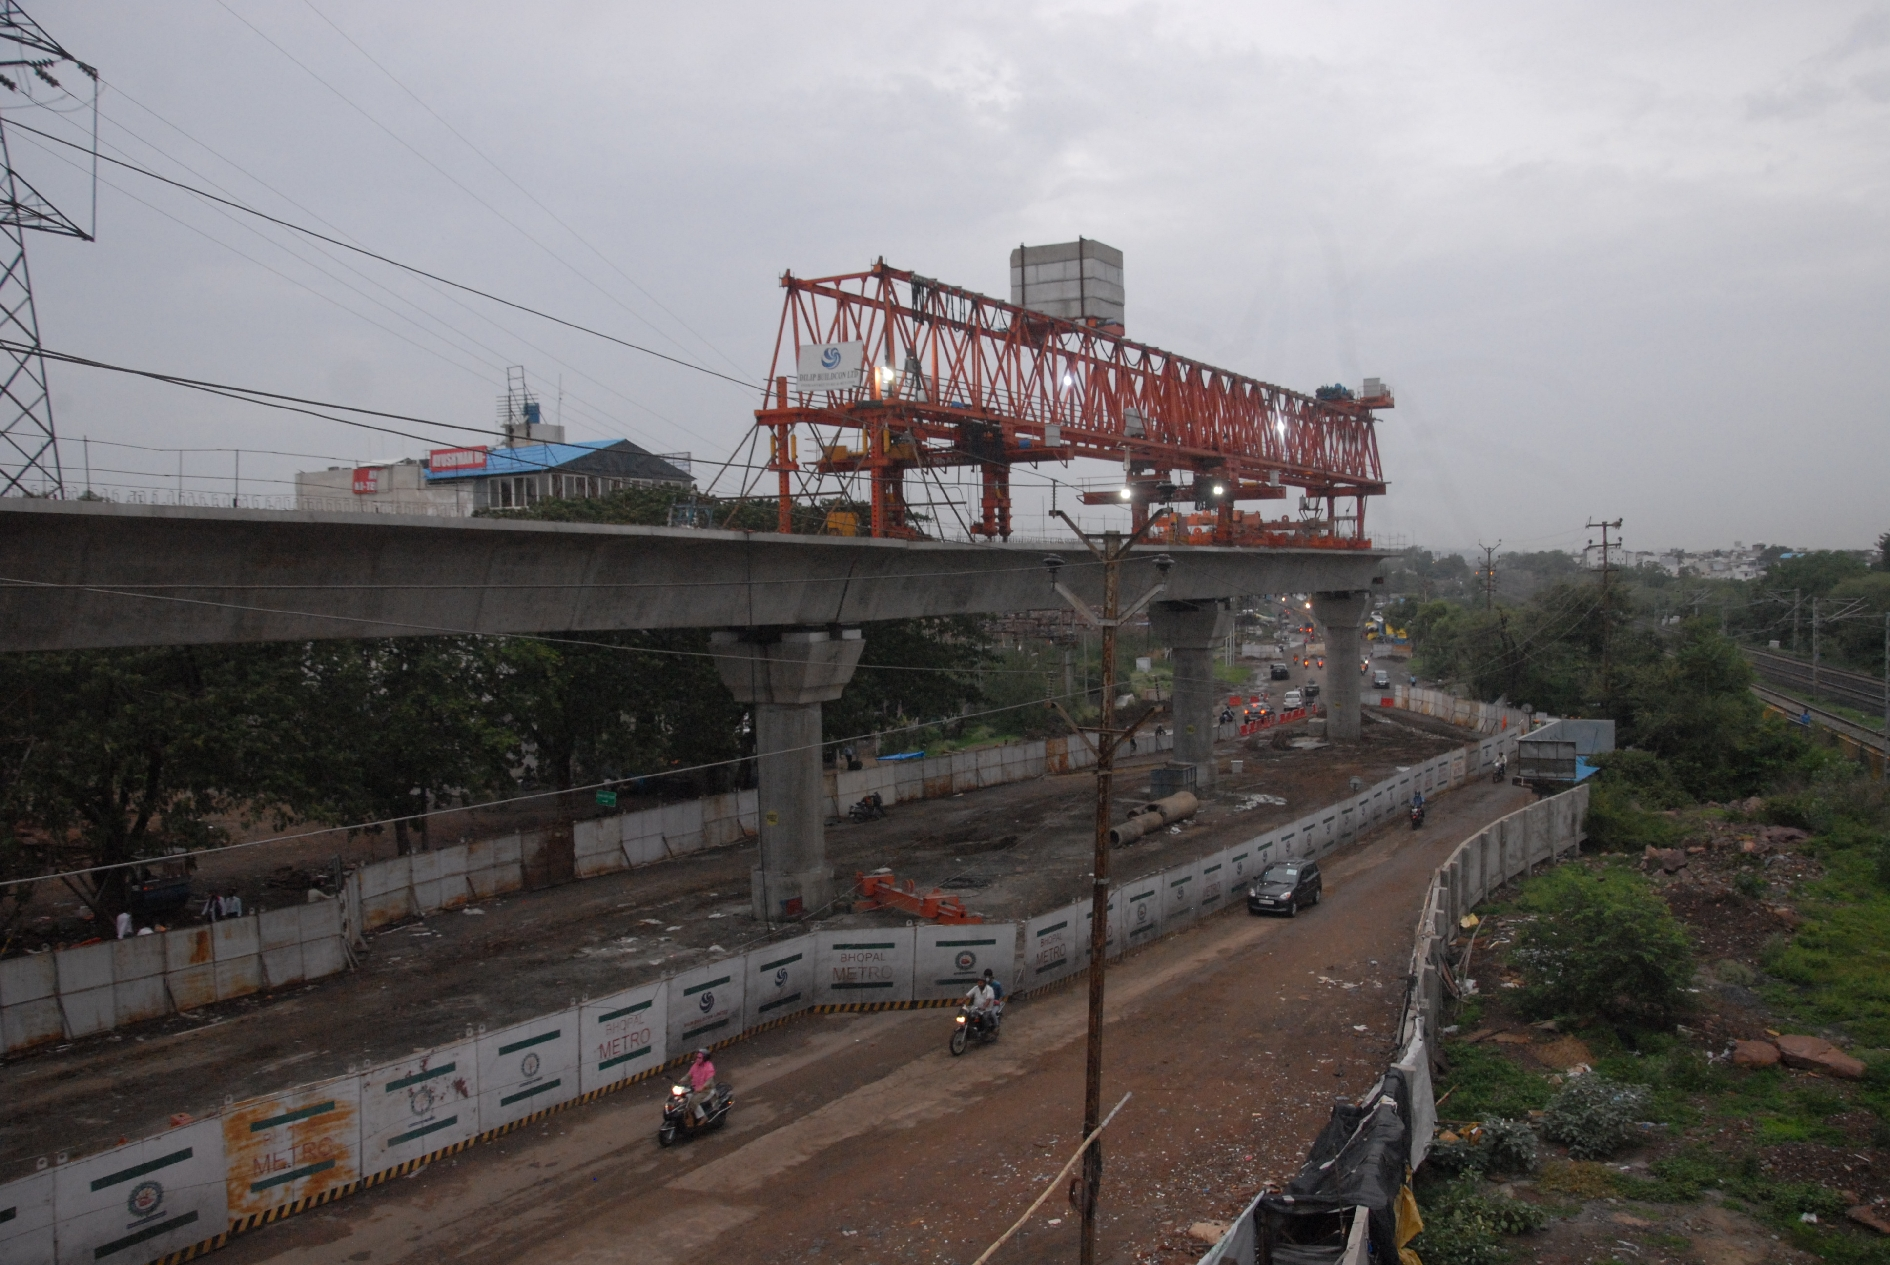 Bhopal Metro : नागपुर मॉडल पर भोपाल मेट्रो के काम में आई तेजी, पहले रूट का 50 फीसद काम पूरा